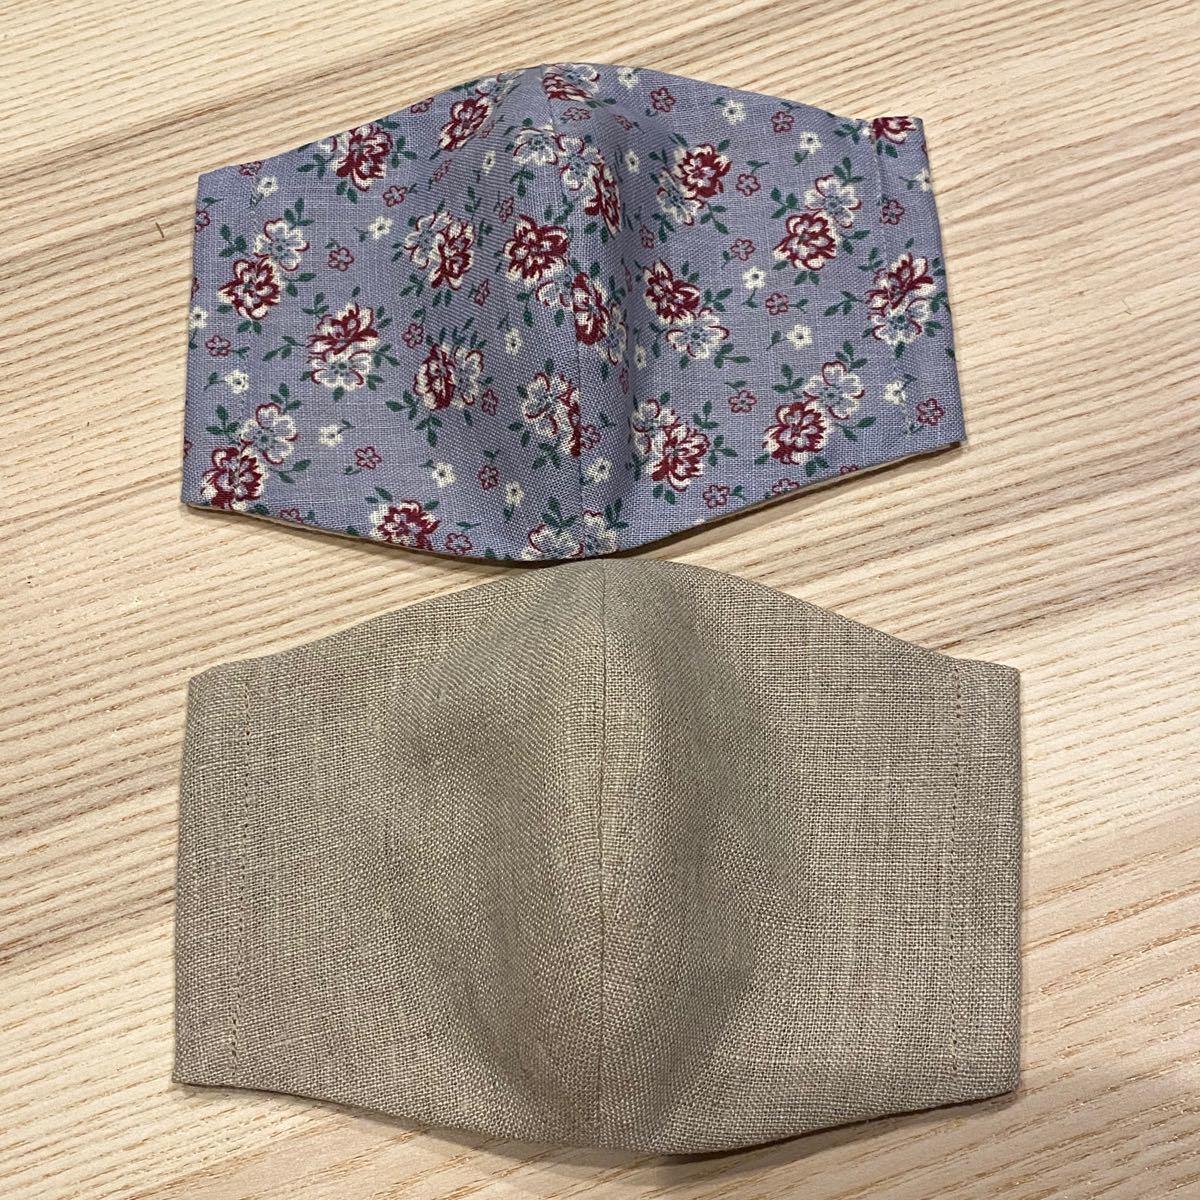 ハンドメイド 立体インナー  大人用 花柄 リネンセット ナチュラル 2枚セット 女性用 普通サイズ 立体型マスク ゴム付き